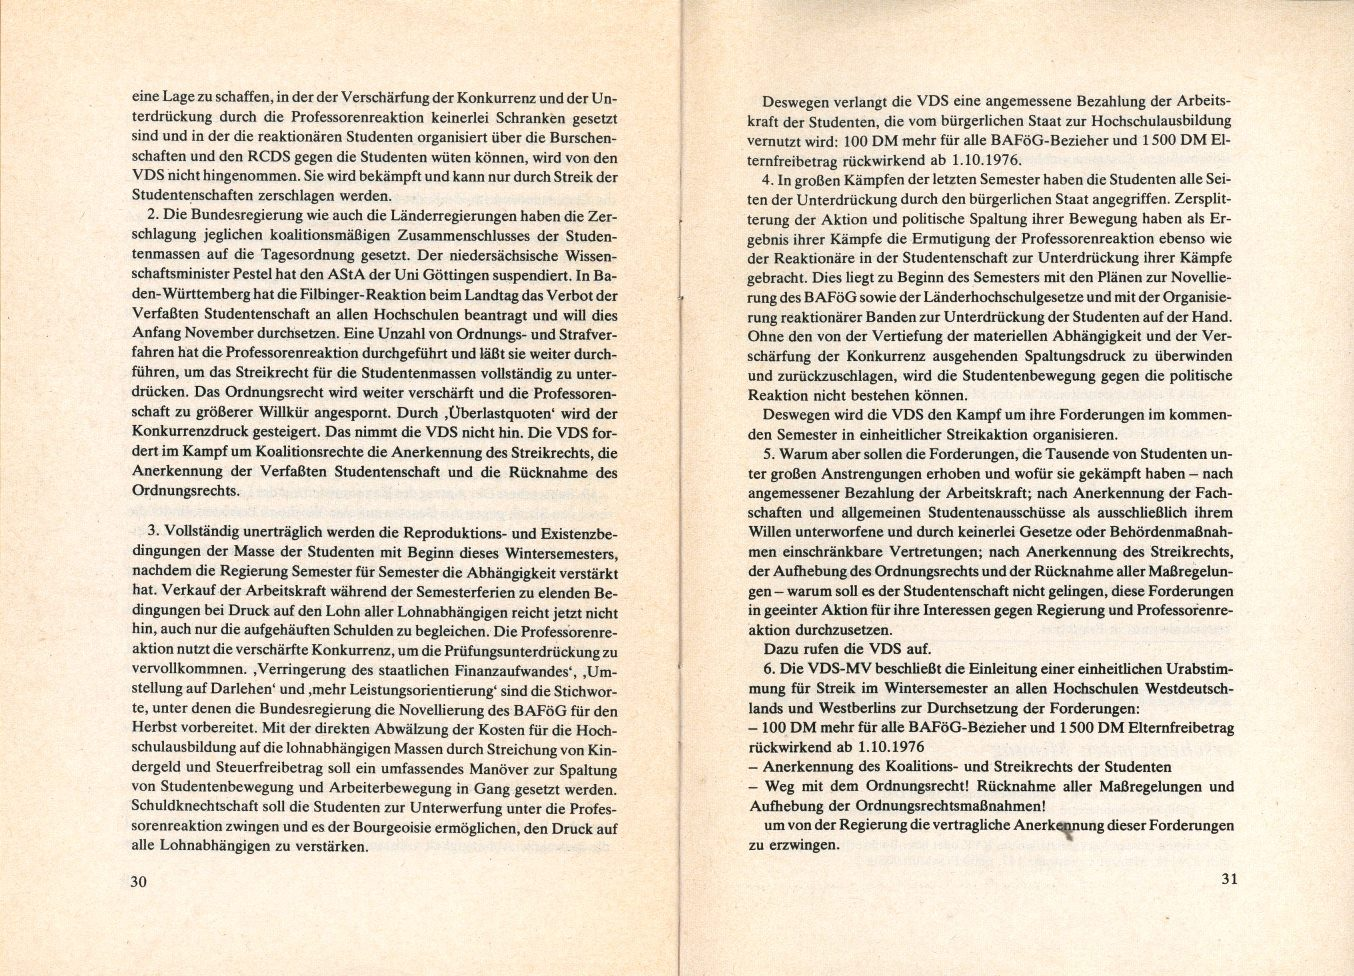 VDS_KBW_1977_MV_in_Giessen_16